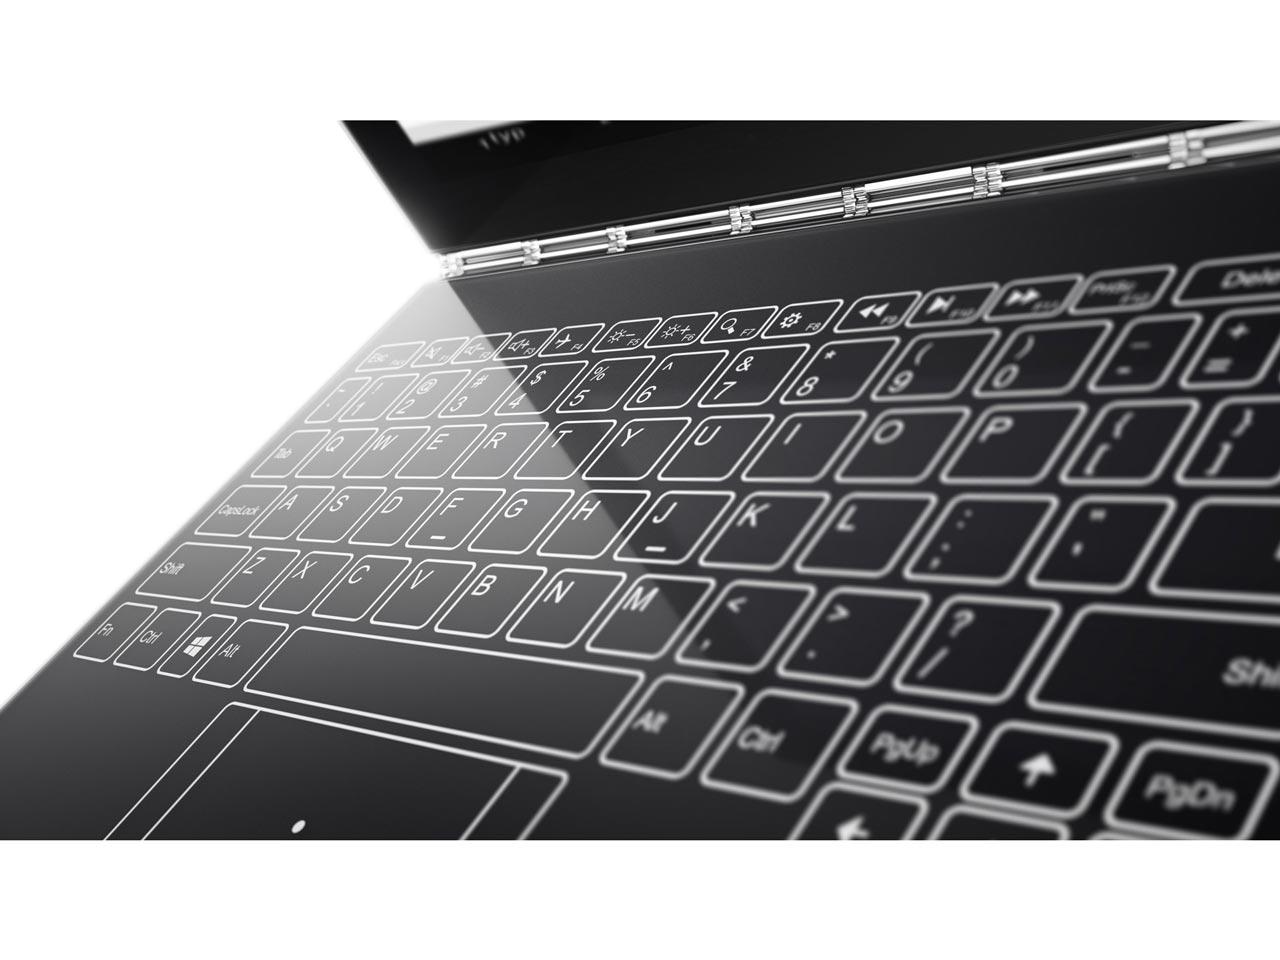 『本体 キーボード部分』 YOGA BOOK with Windows ZA150019JP の製品画像